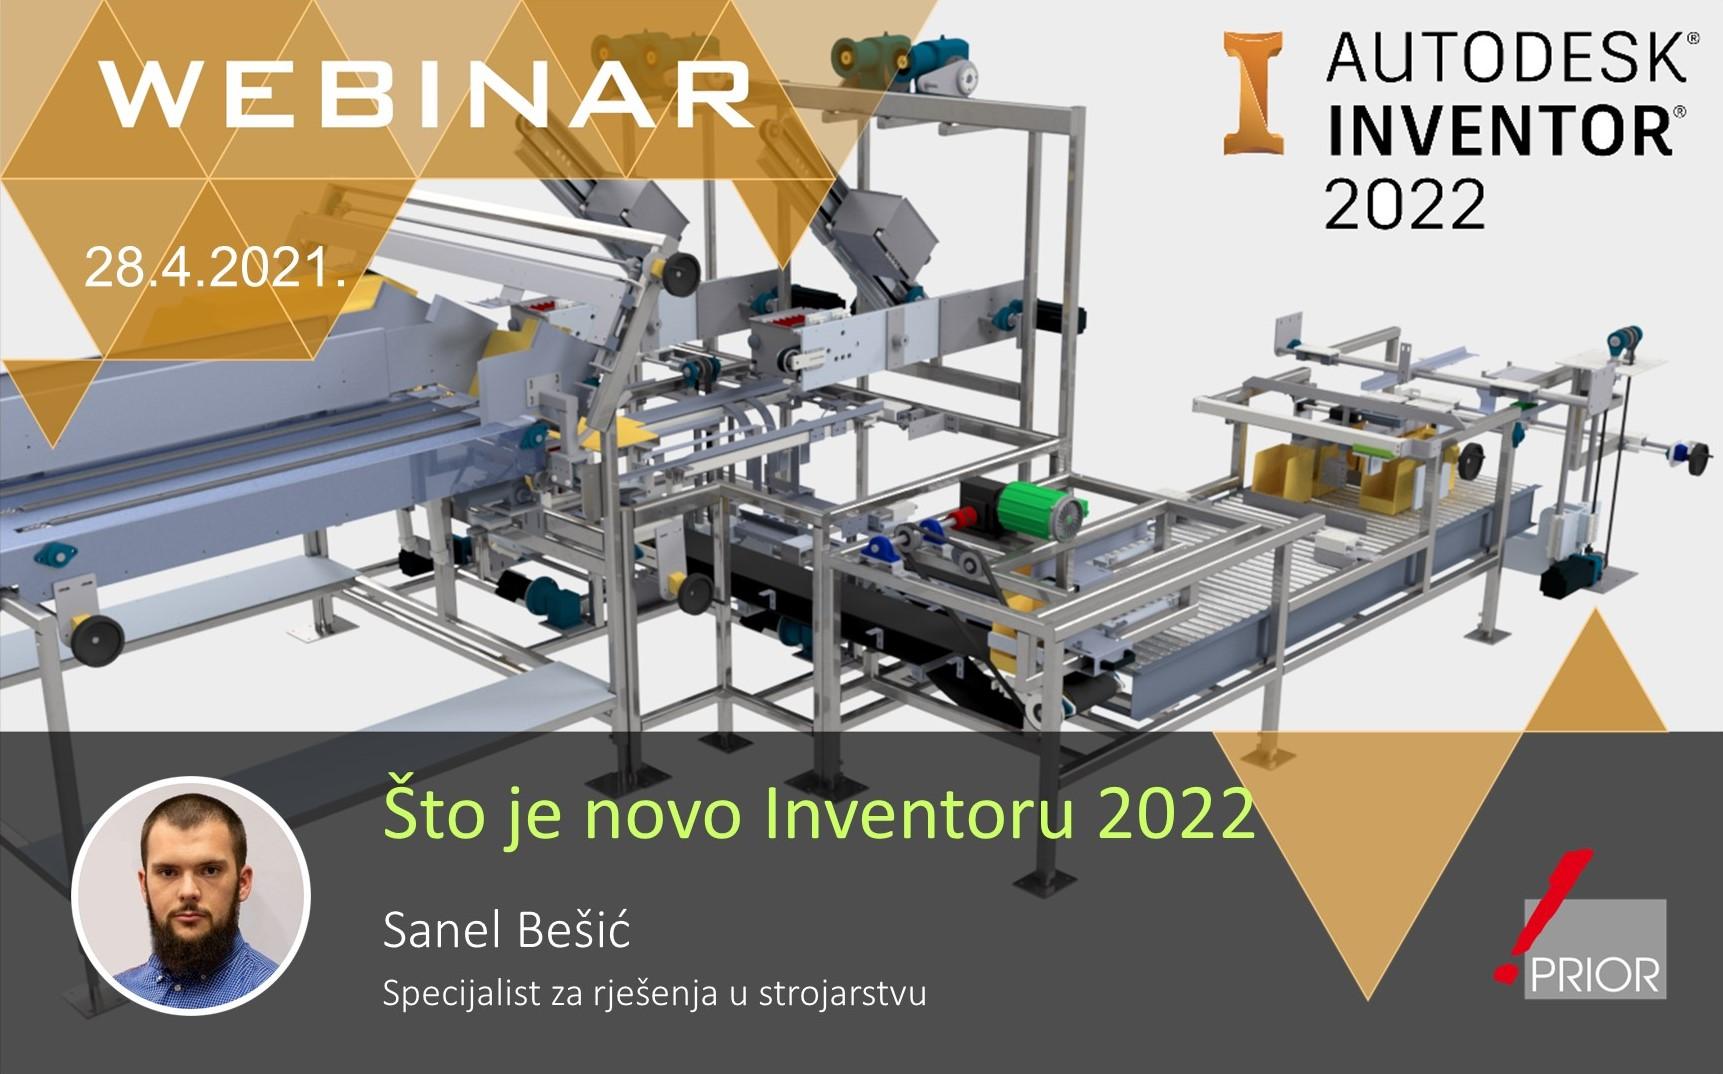 Što je novo u Inventoru 2022